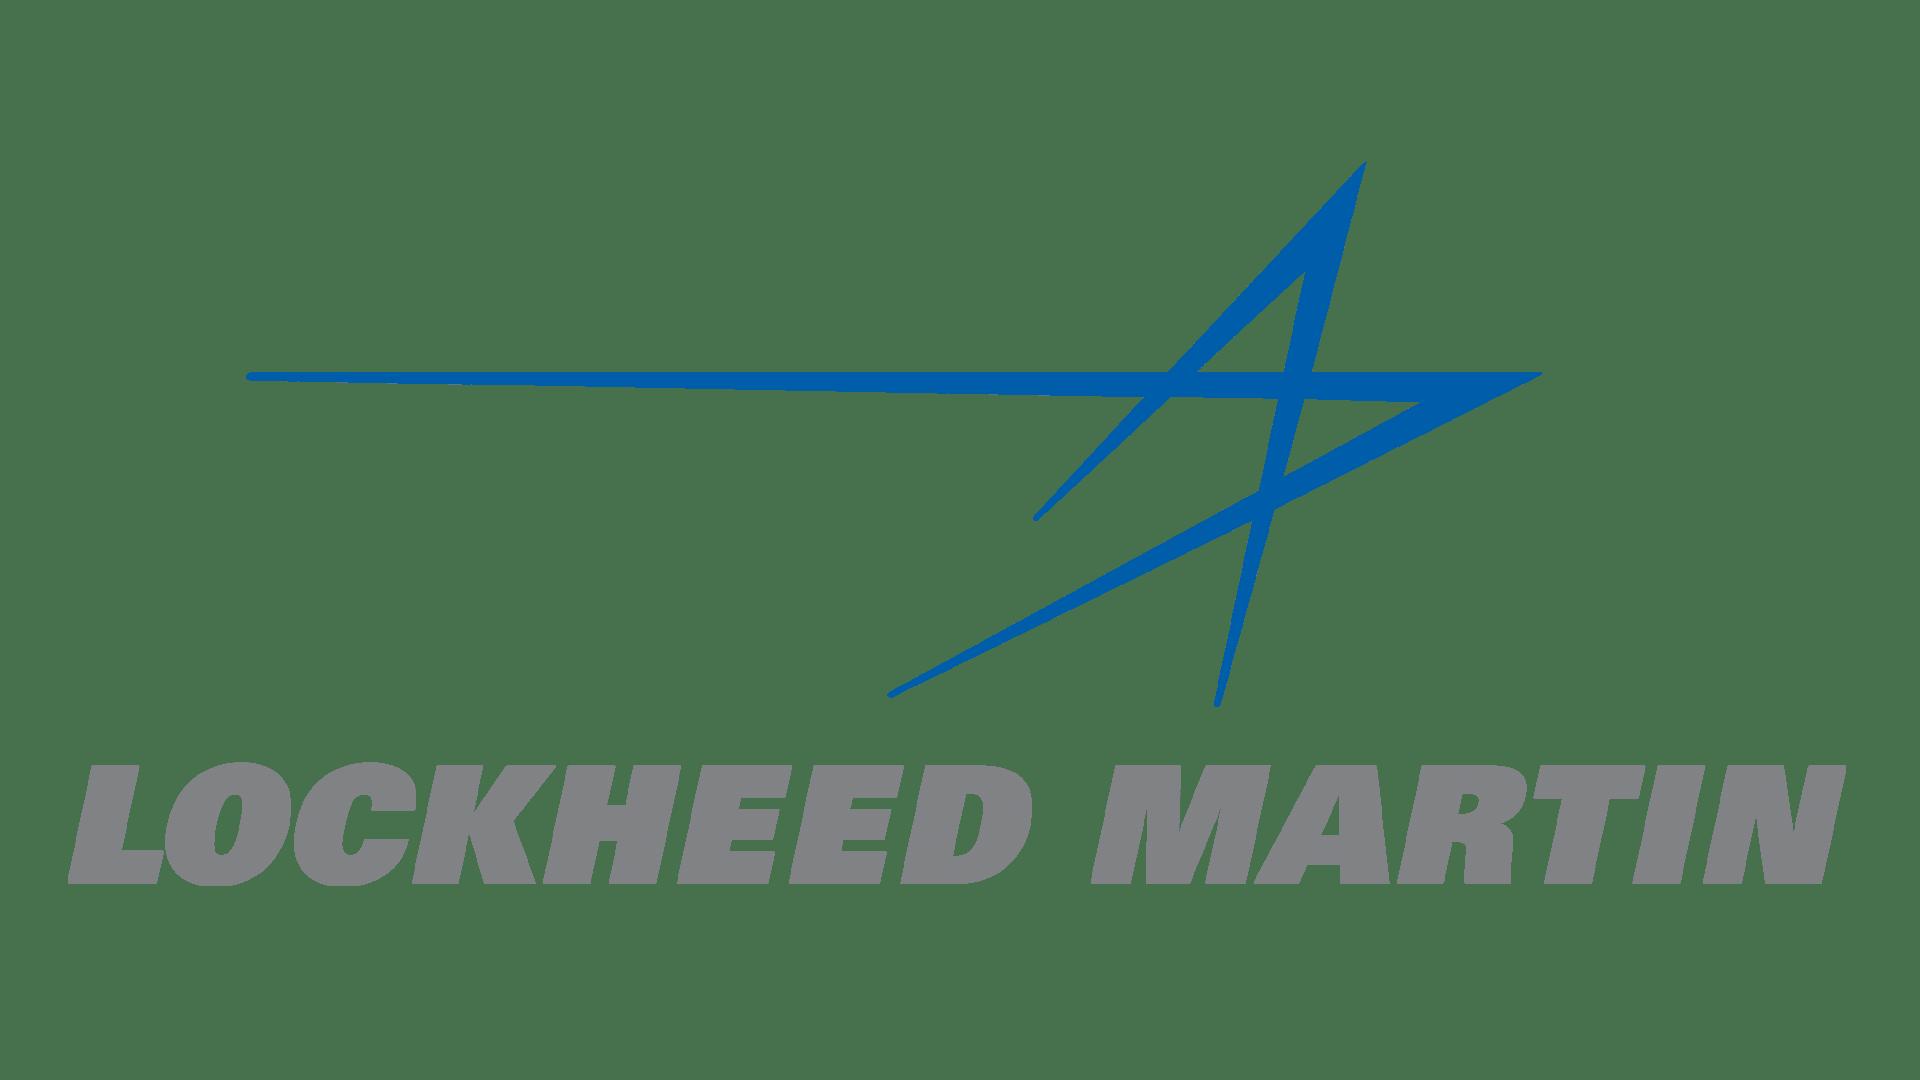 Lockheed-martin-logo